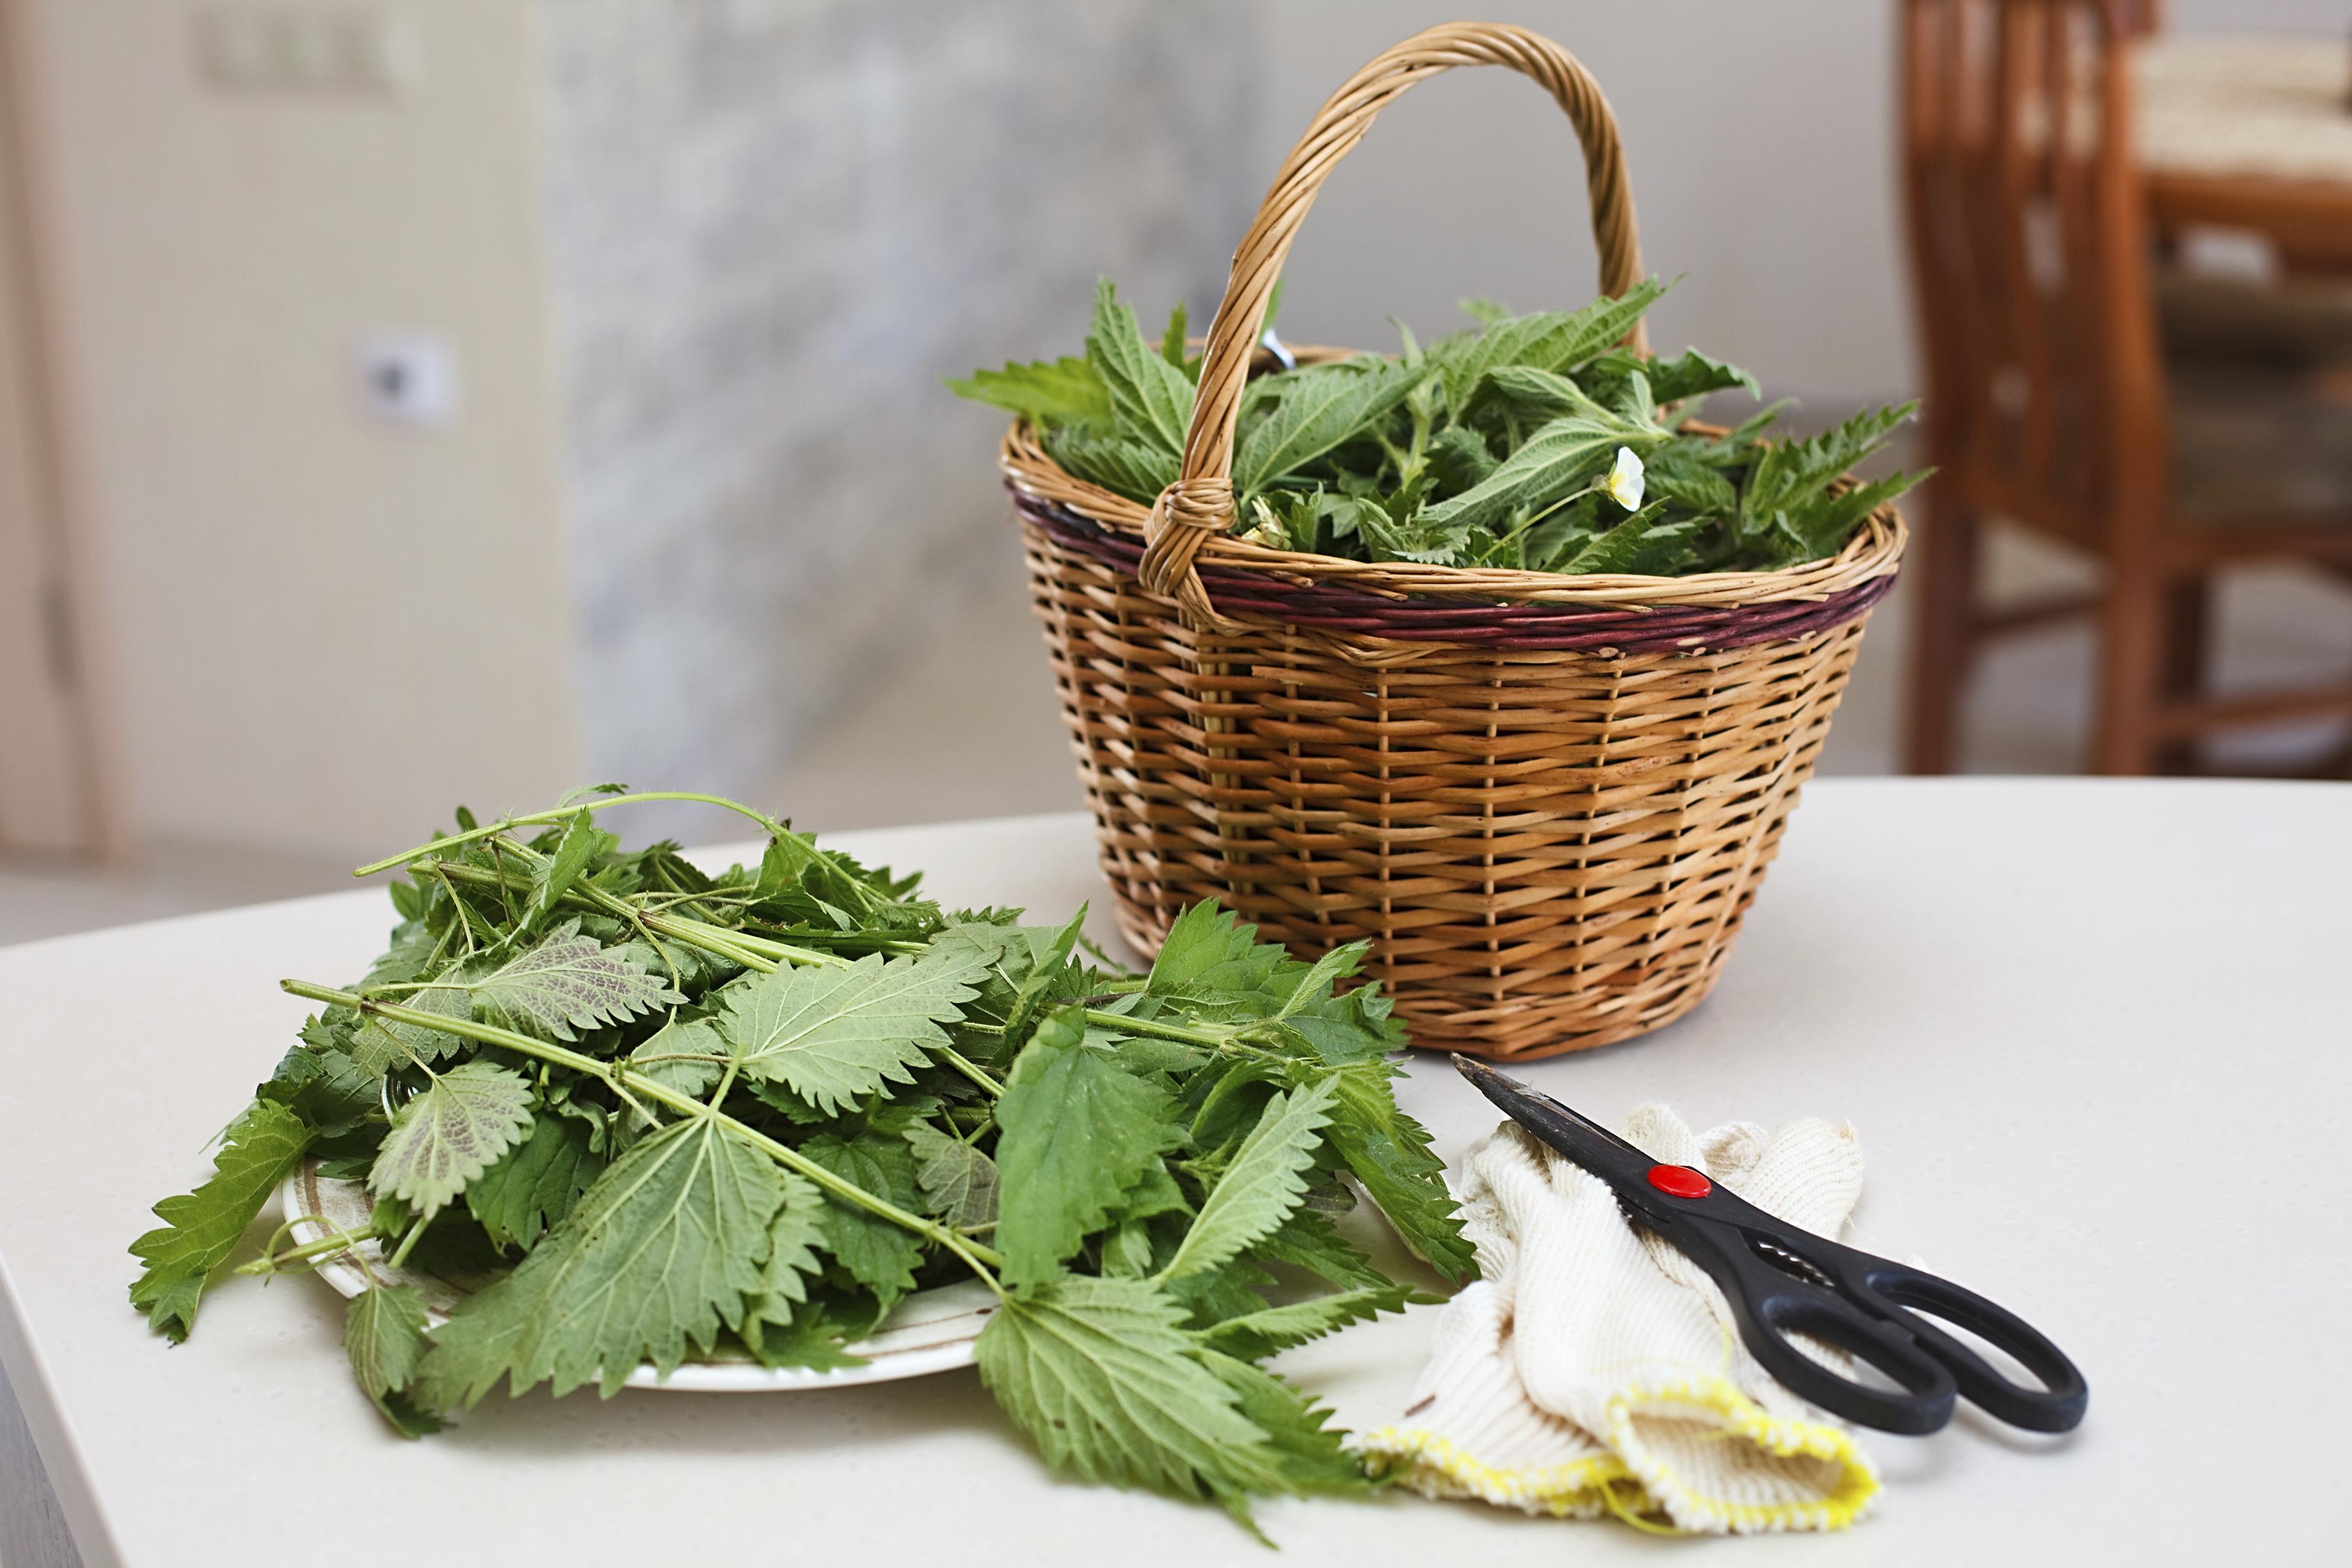 ricette con ortiche: le polpette - non sprecare - Ortiche In Cucina